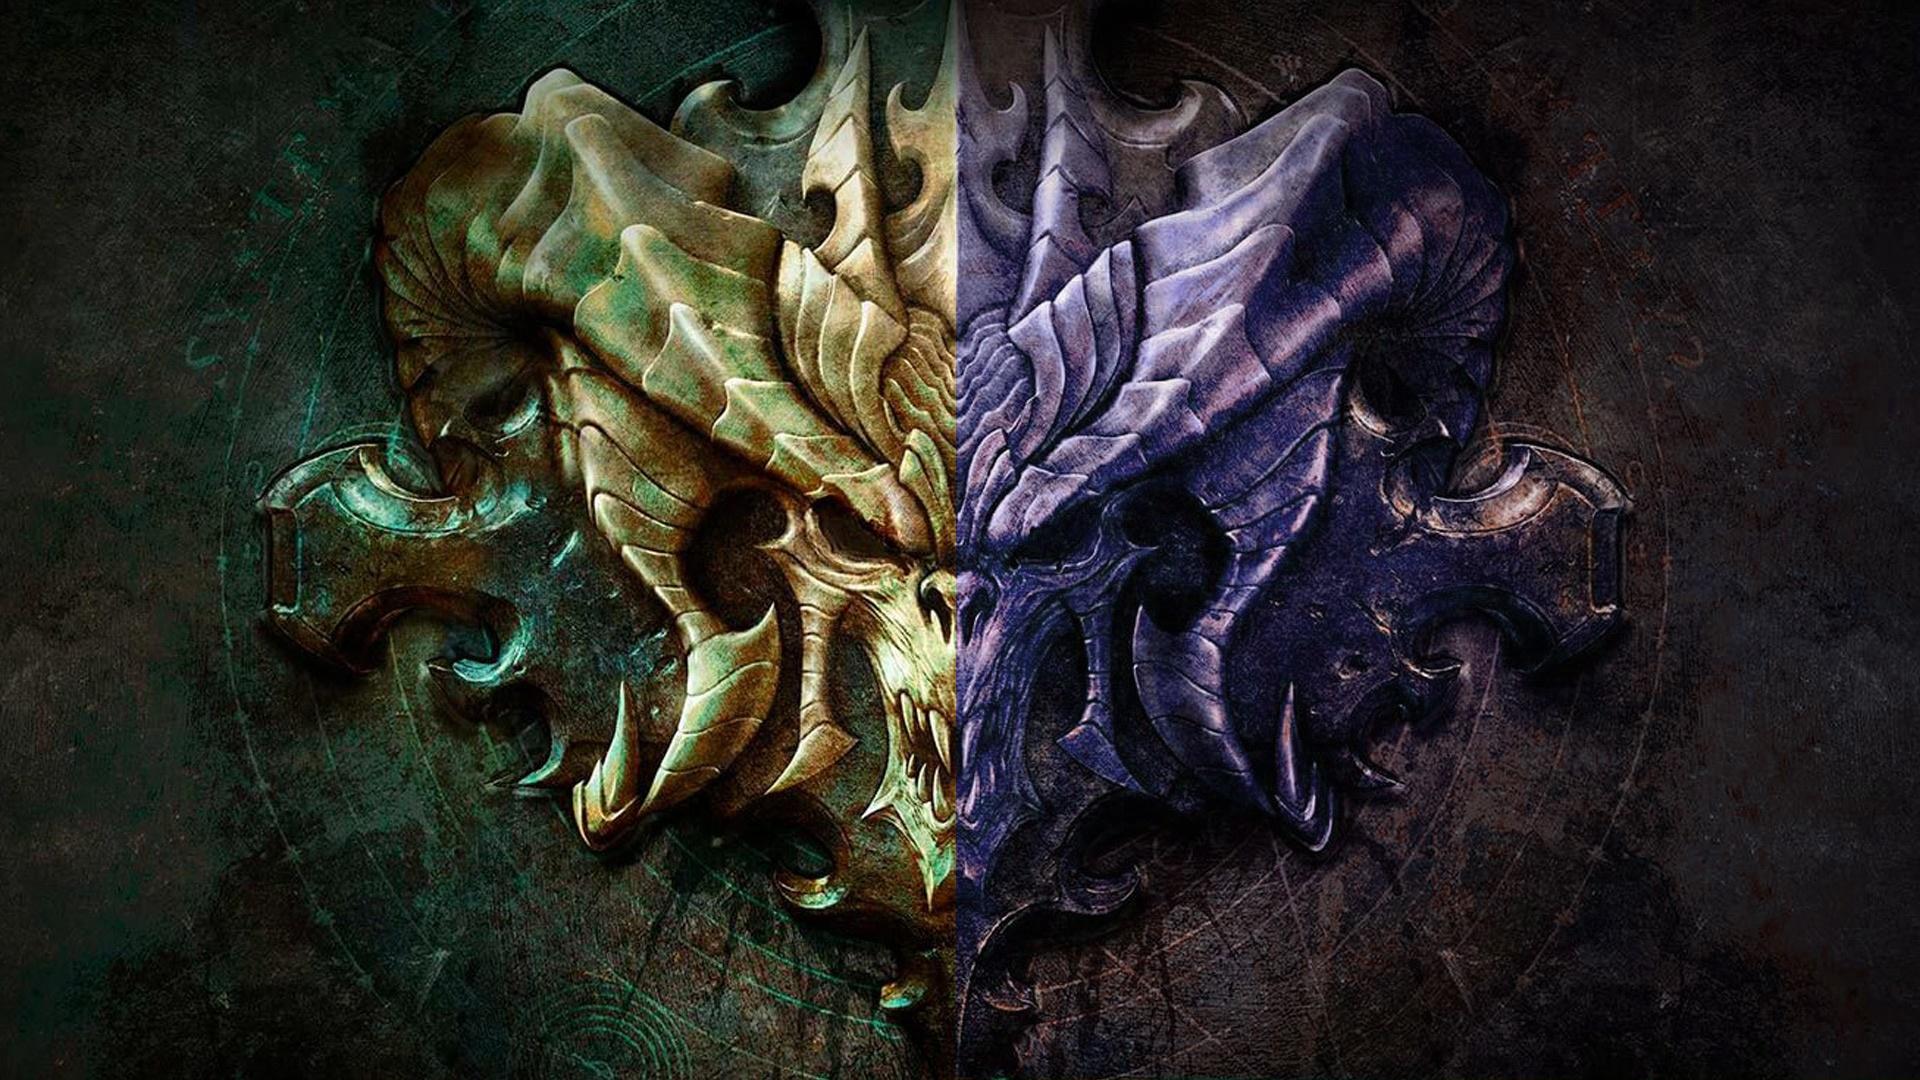 Das andere Diablo 3: Bilder zeigen düstere Version, die nie erschien